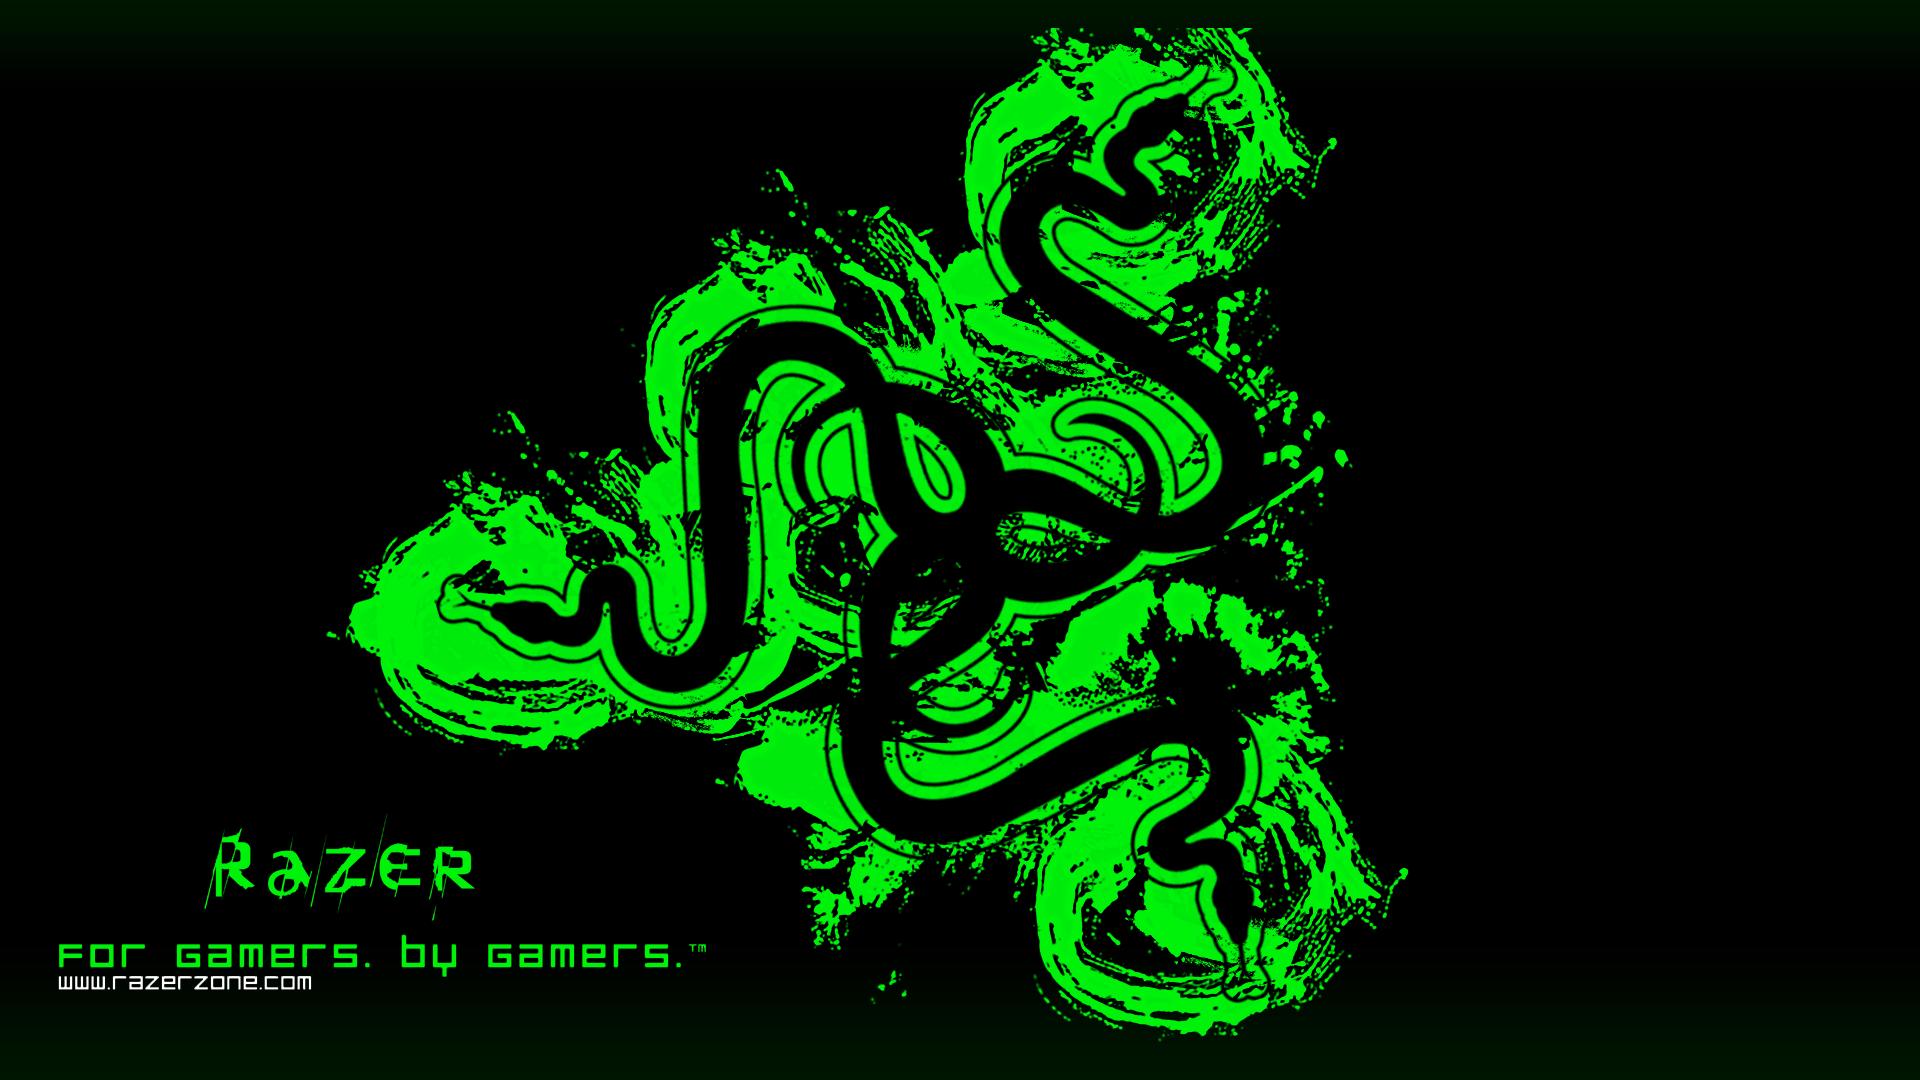 Razer Gaming Wallpaper Gaming Wallpapers Hd Game Wallpaper Iphone Full Hd Wallpaper